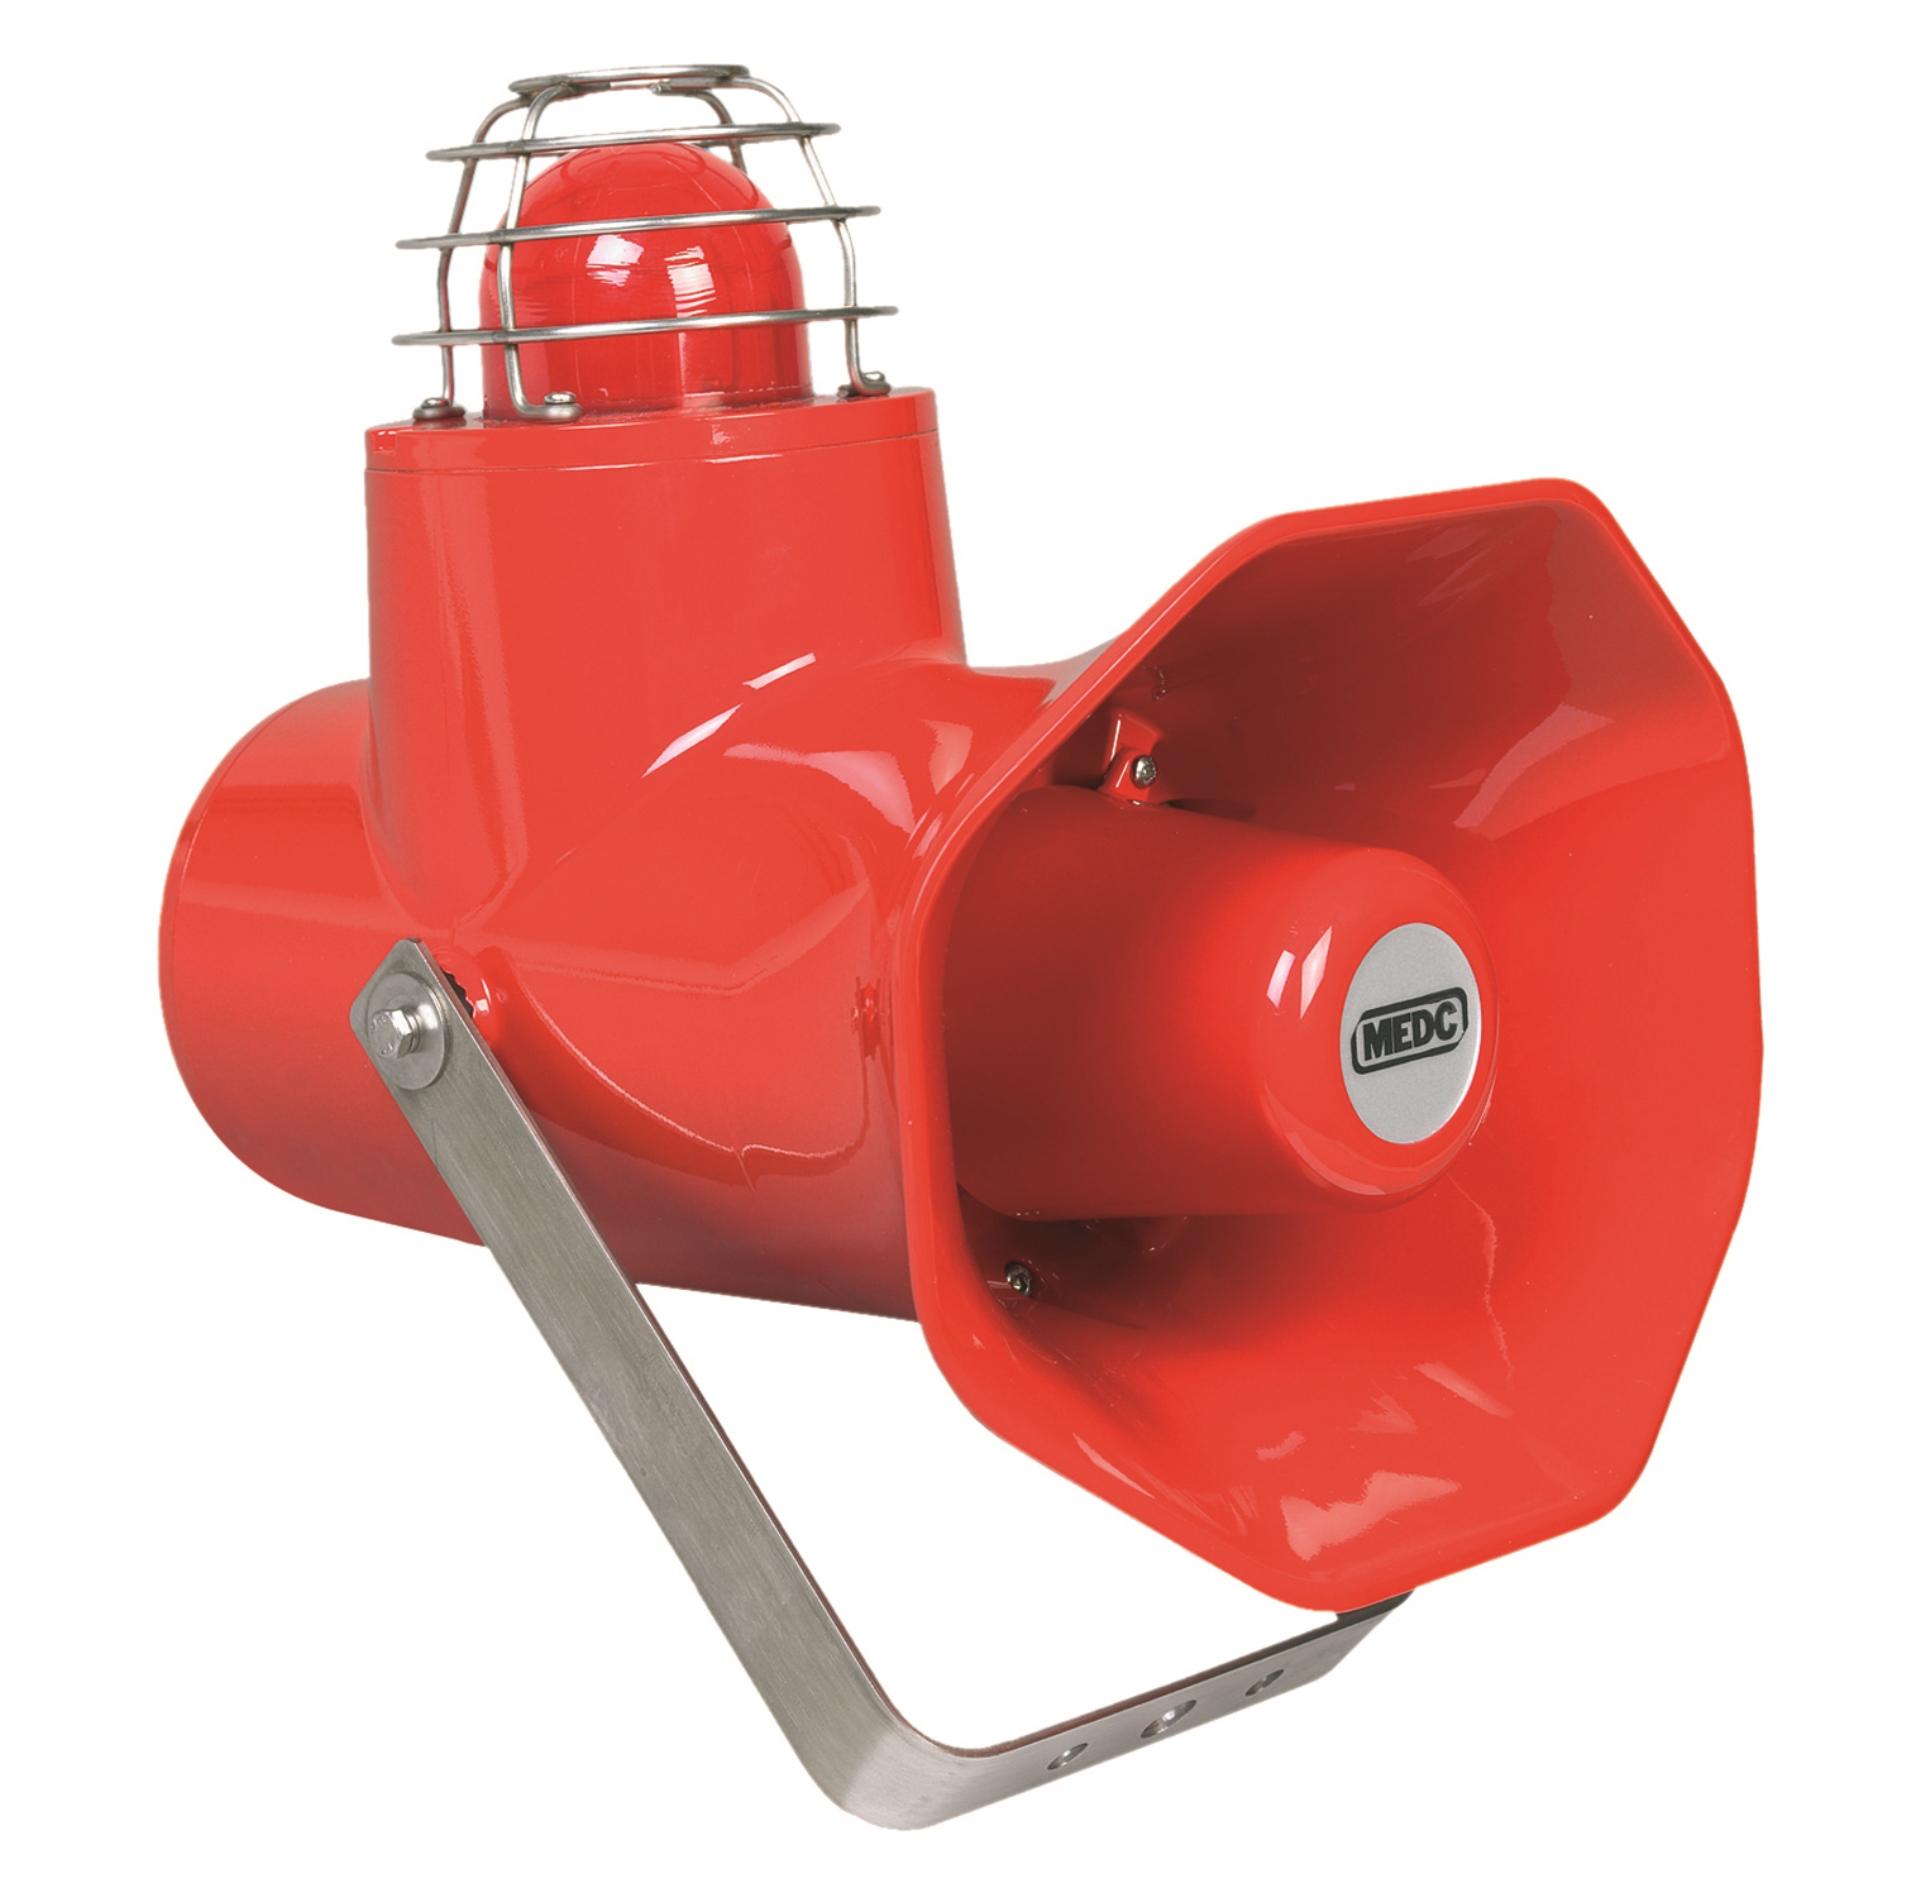 MEDC manuell melder akustisk brann flamme alarm Manual call point fire beacon sounder Flammedetektor Cooper Eaton